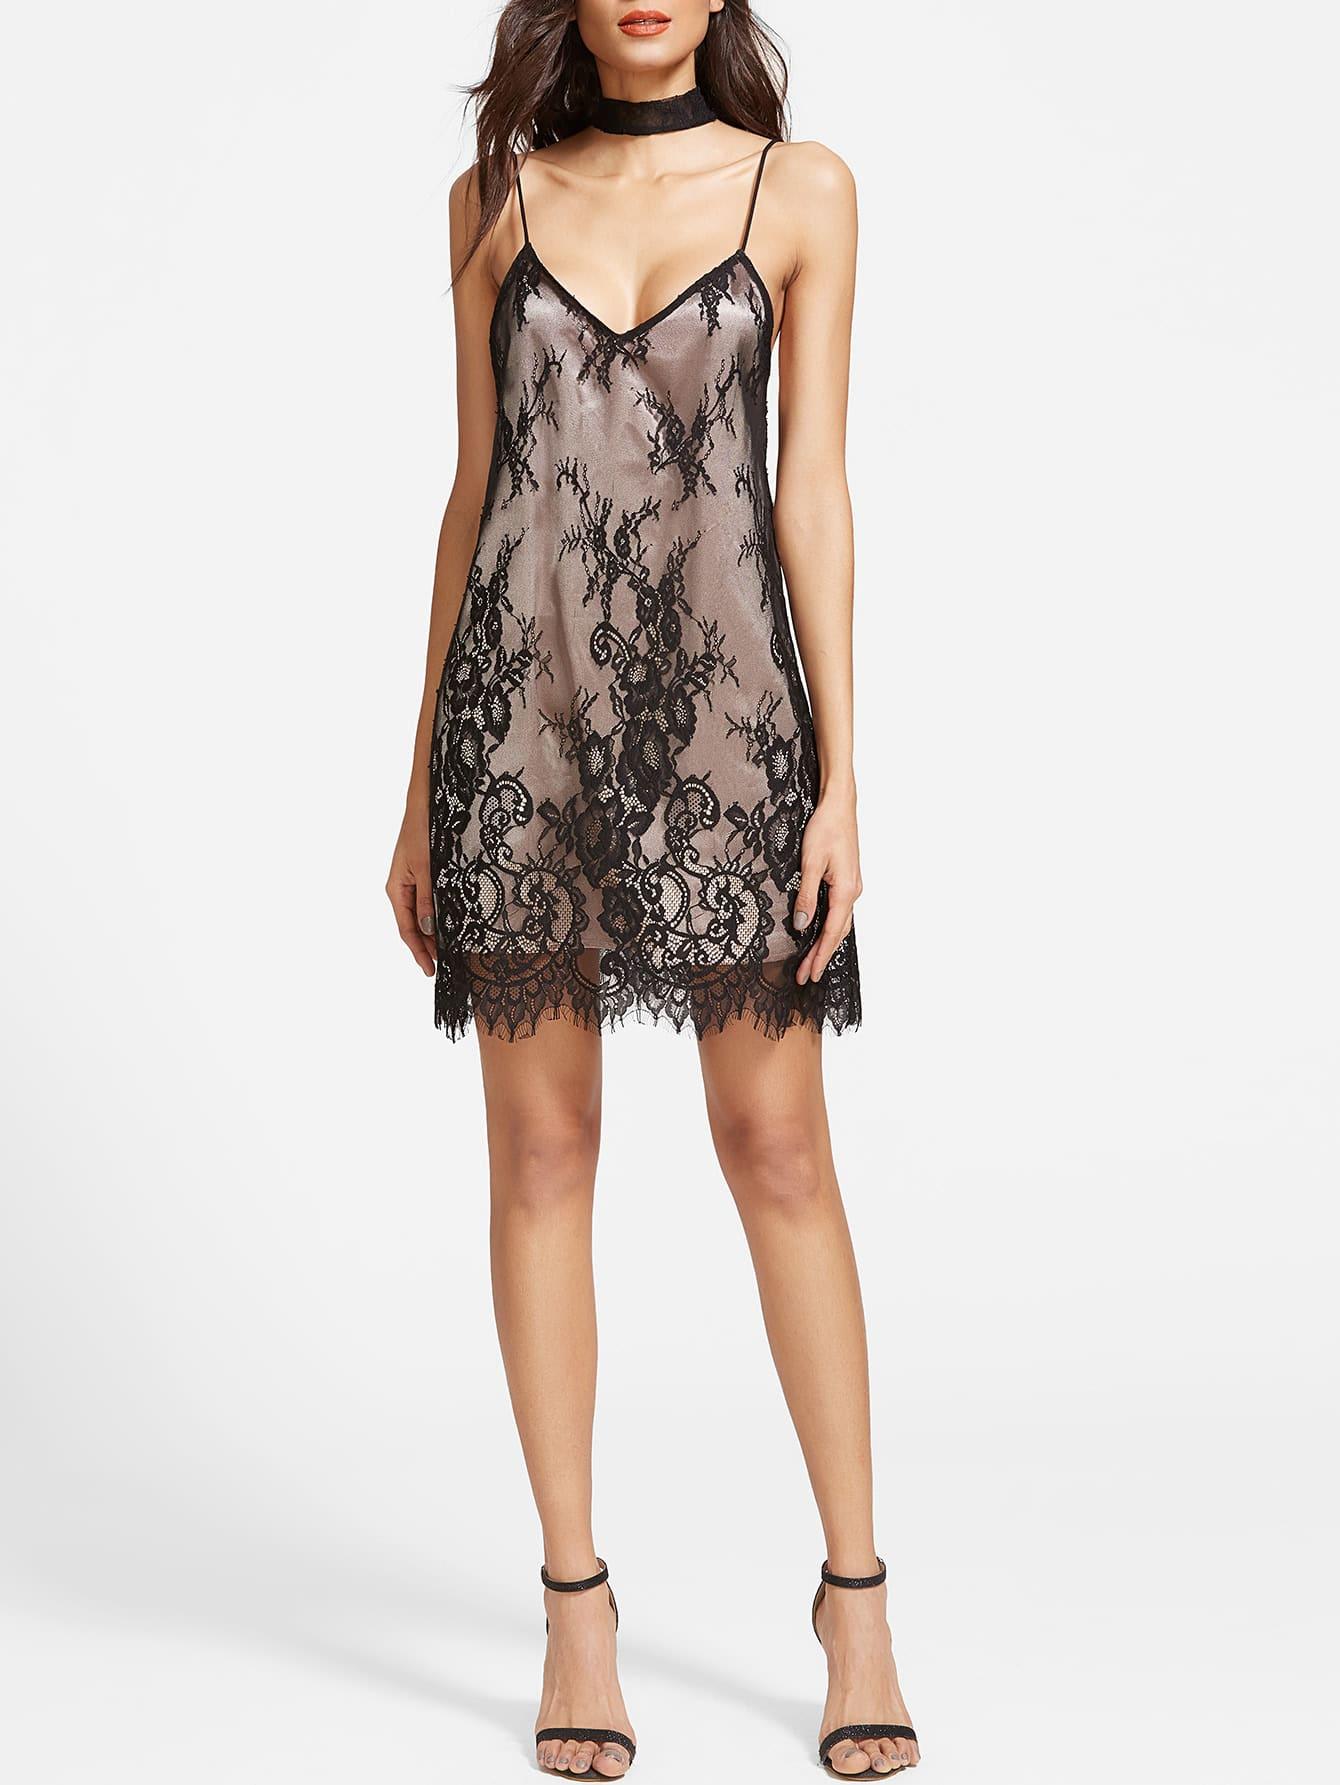 dress170221701_2